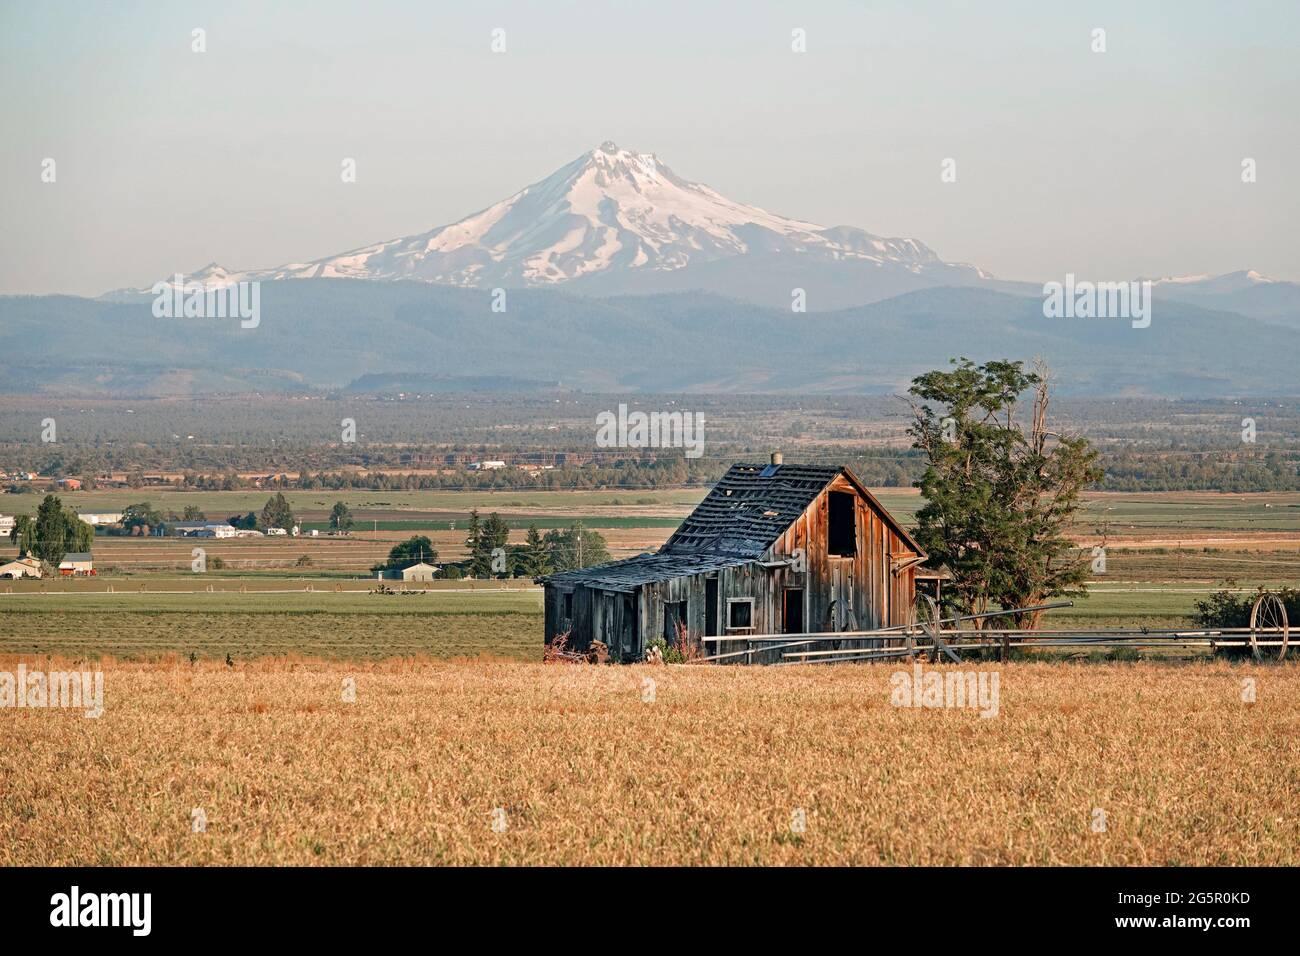 Una granja de la era de la depresión que ha sido abandonada por sus dueños, en un campo de trigo cerca de Culver, Oregon. El Monte Jefferson está en el fondo. Foto de stock